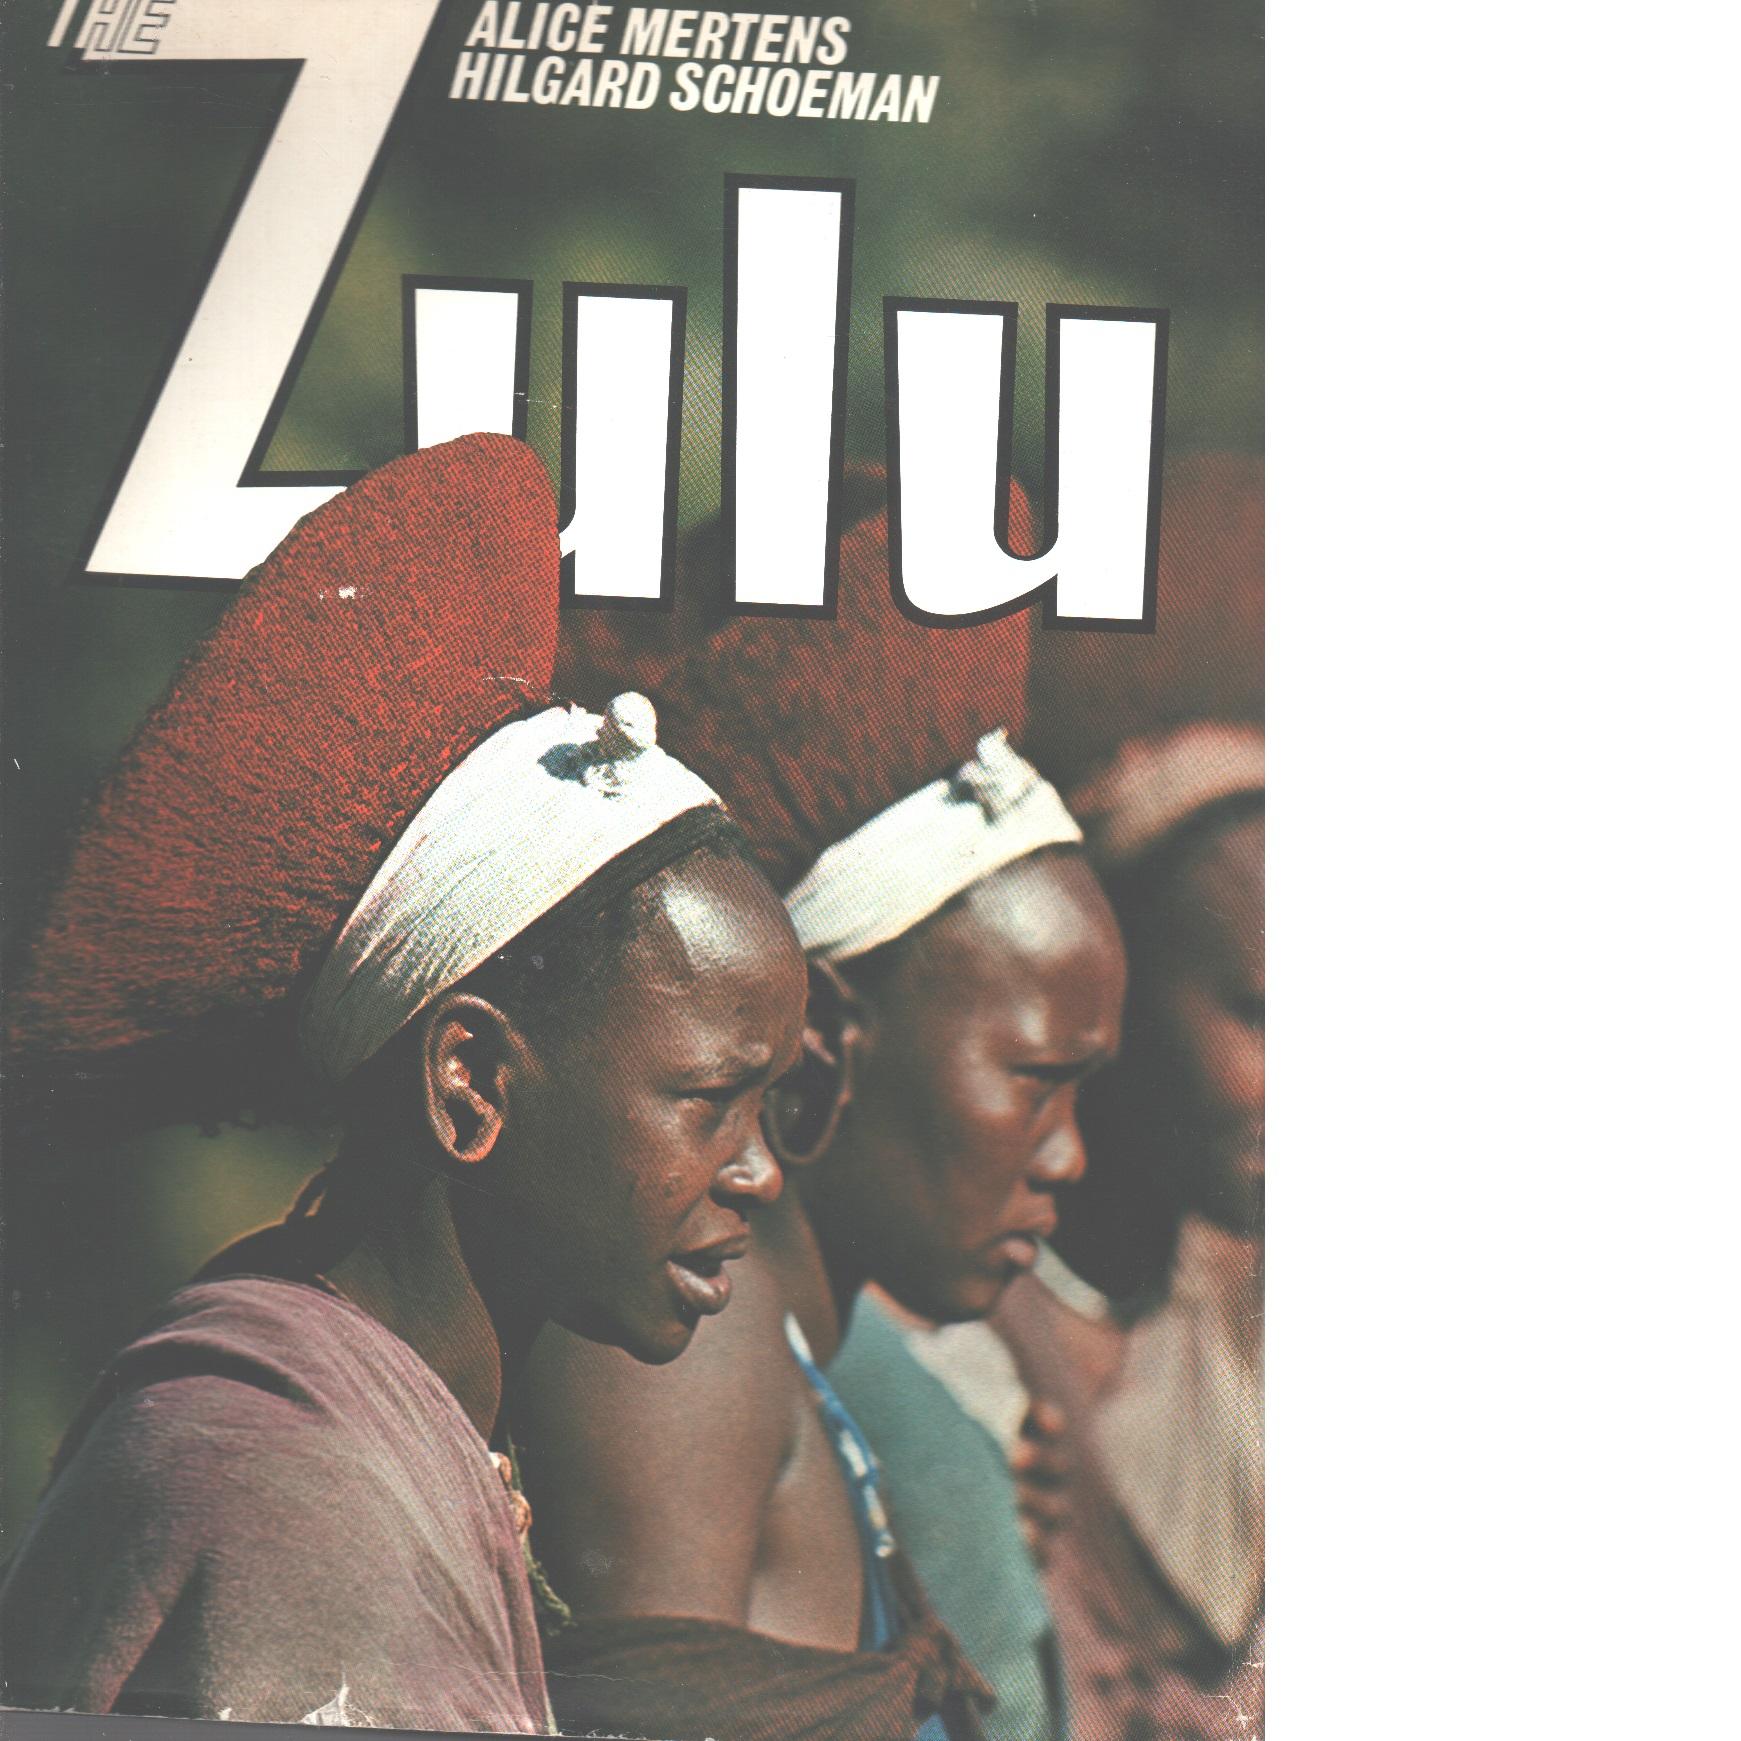 The Zulu - Mertens, Alice och Schoeman, Hilgard